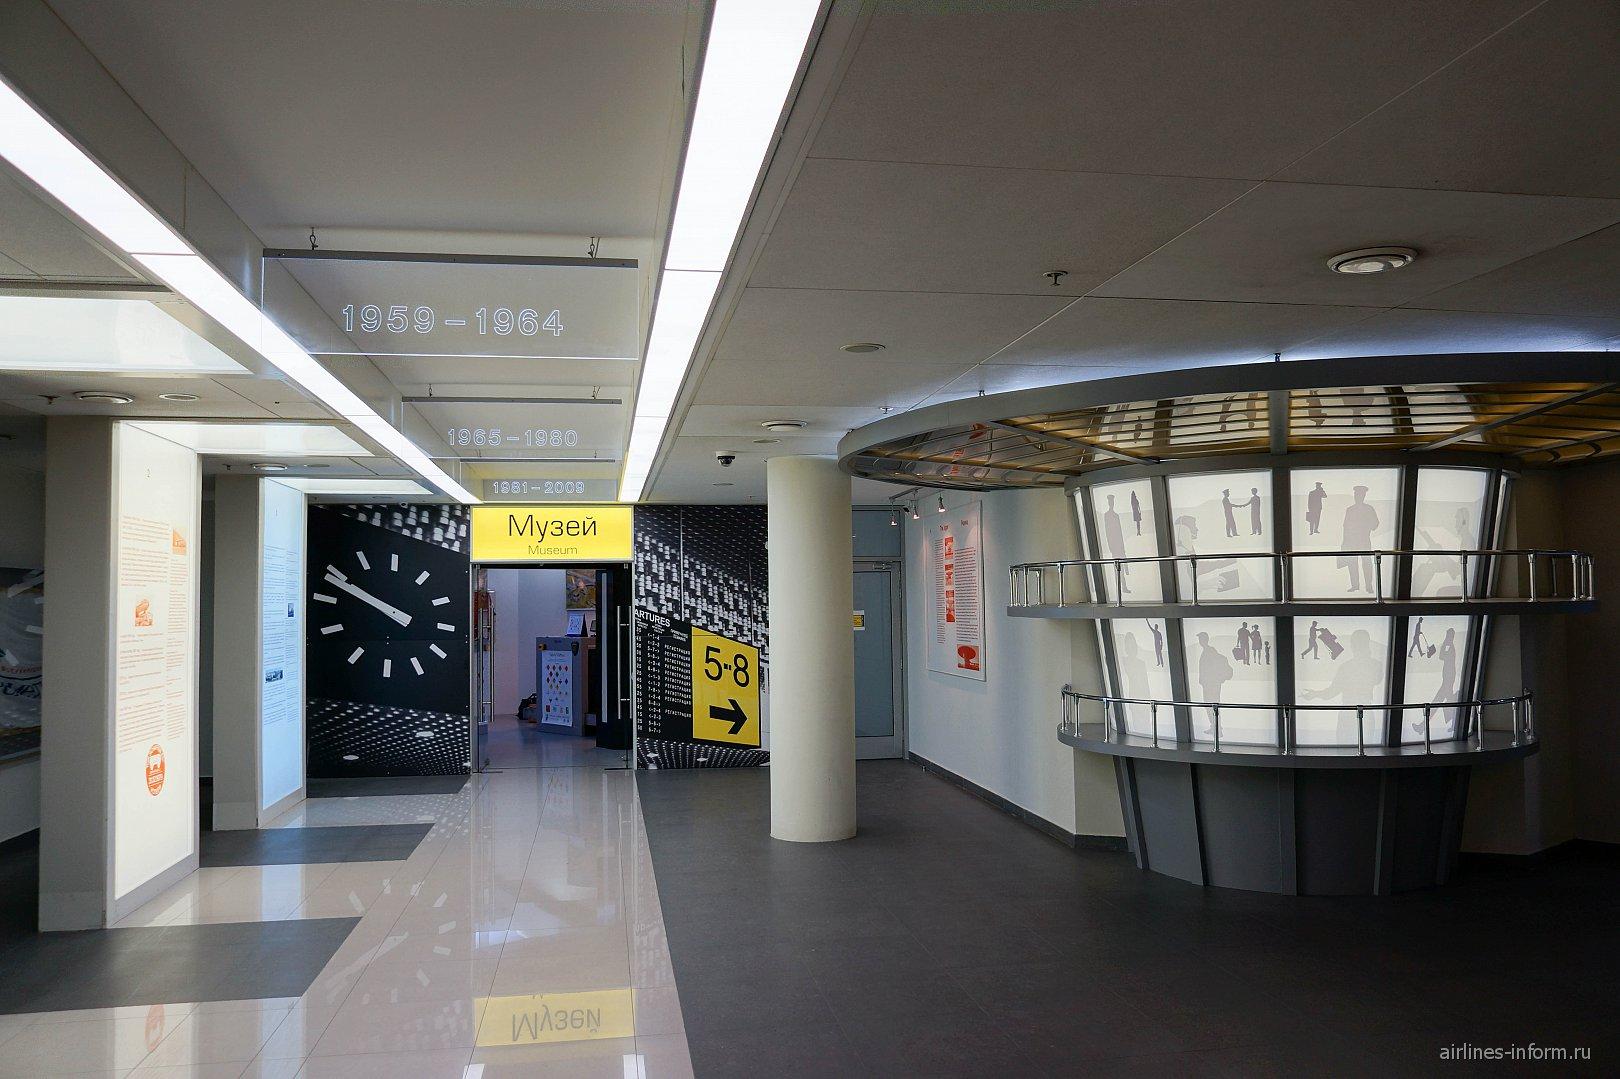 Музей аэропорта Шереметьево на 5-м этаже терминала F